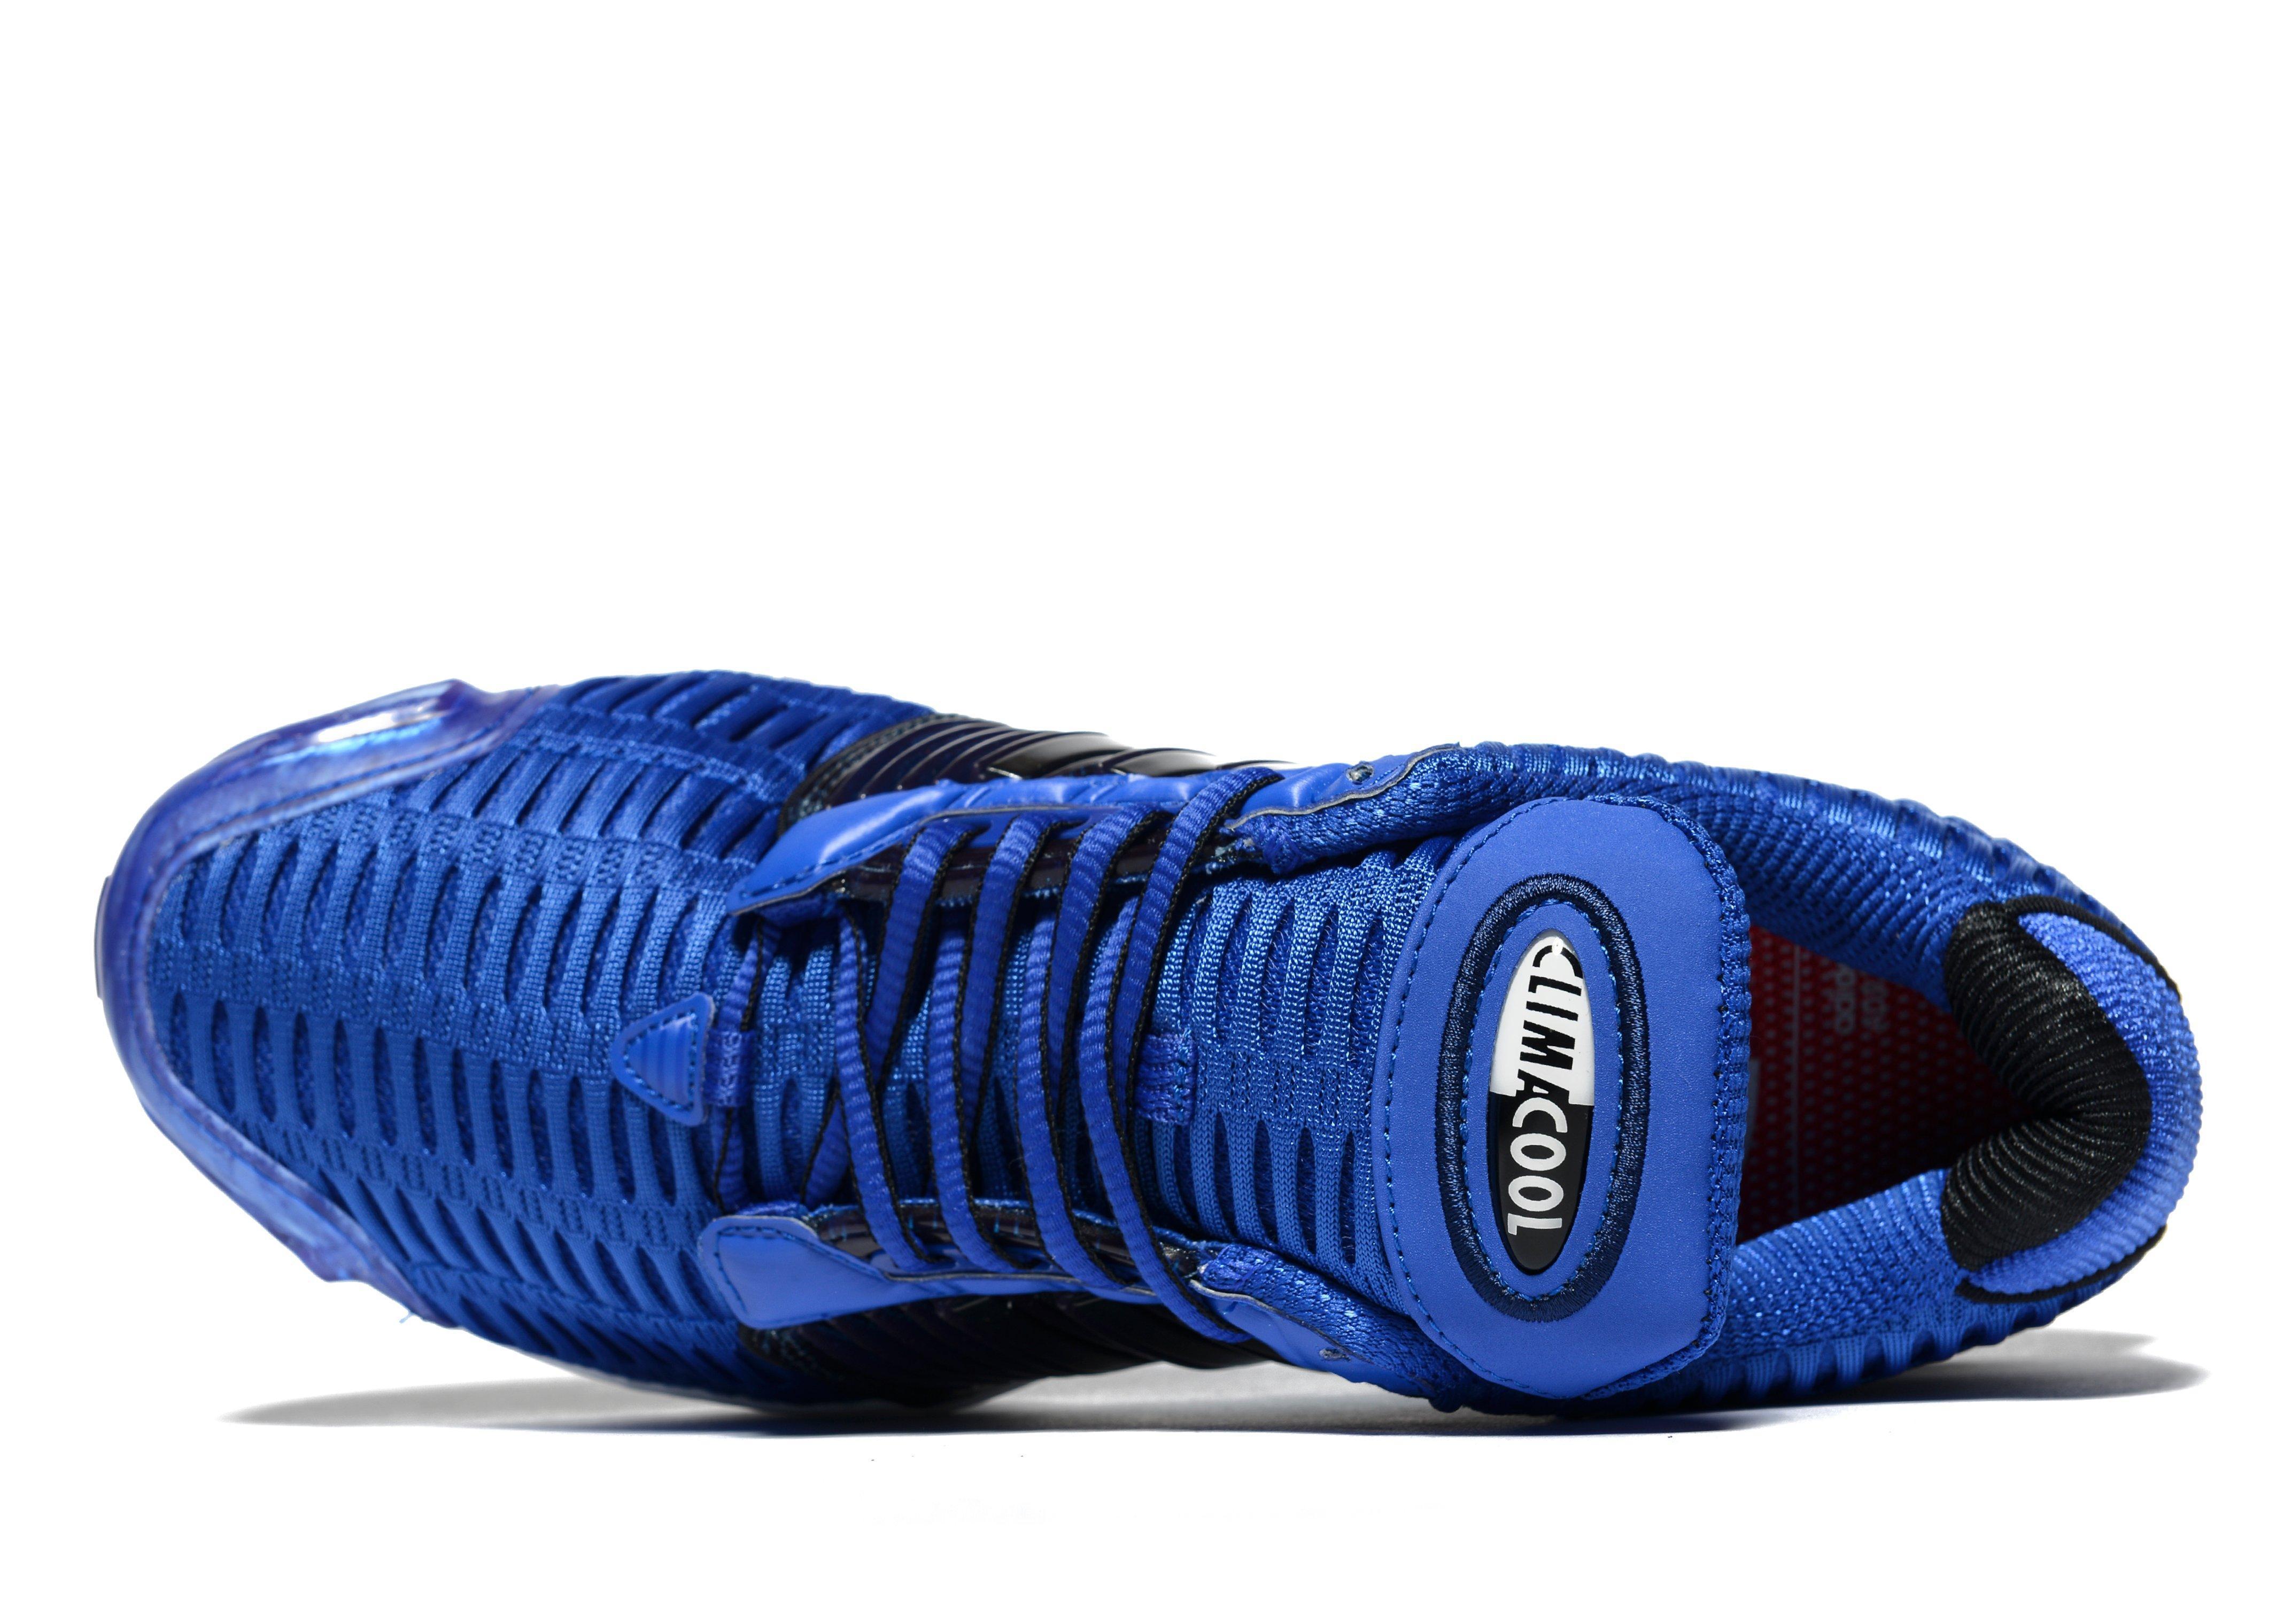 Estable Sur Tecnología  adidas Originals Synthetic Climacool 1 in Blue/Black (Blue) for Men - Lyst